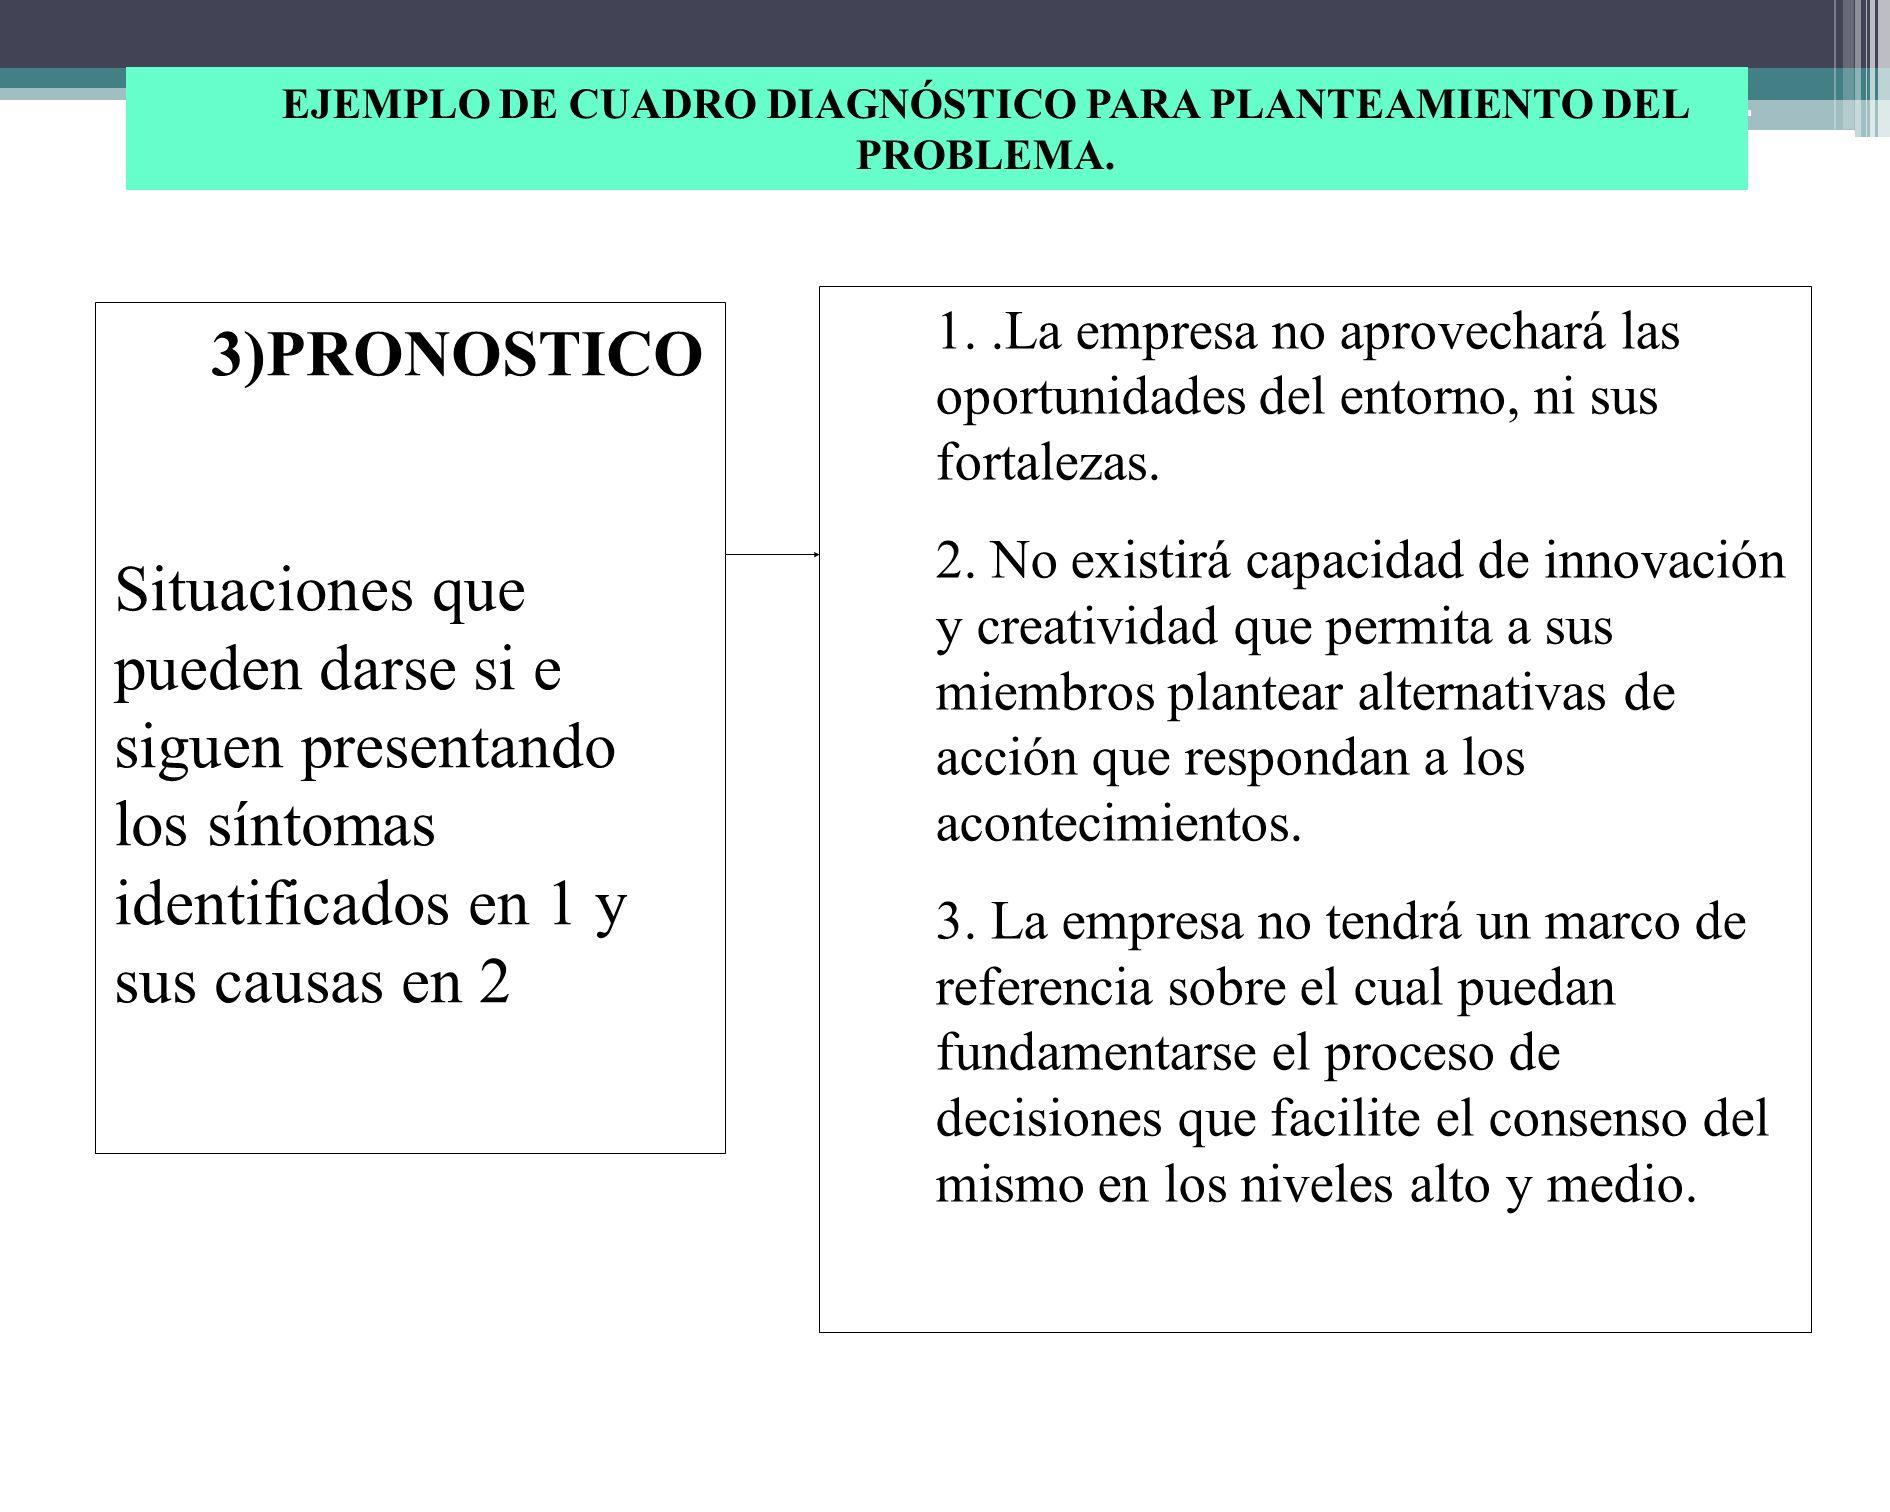 EJEMPLO DE CUADRO DIAGNÓSTICO PARA PLANTEAMIENTO DEL PROBLEMA. 2) CAUSAS: Hechos o situaciones que se producen por la existencia de los síntomas ident